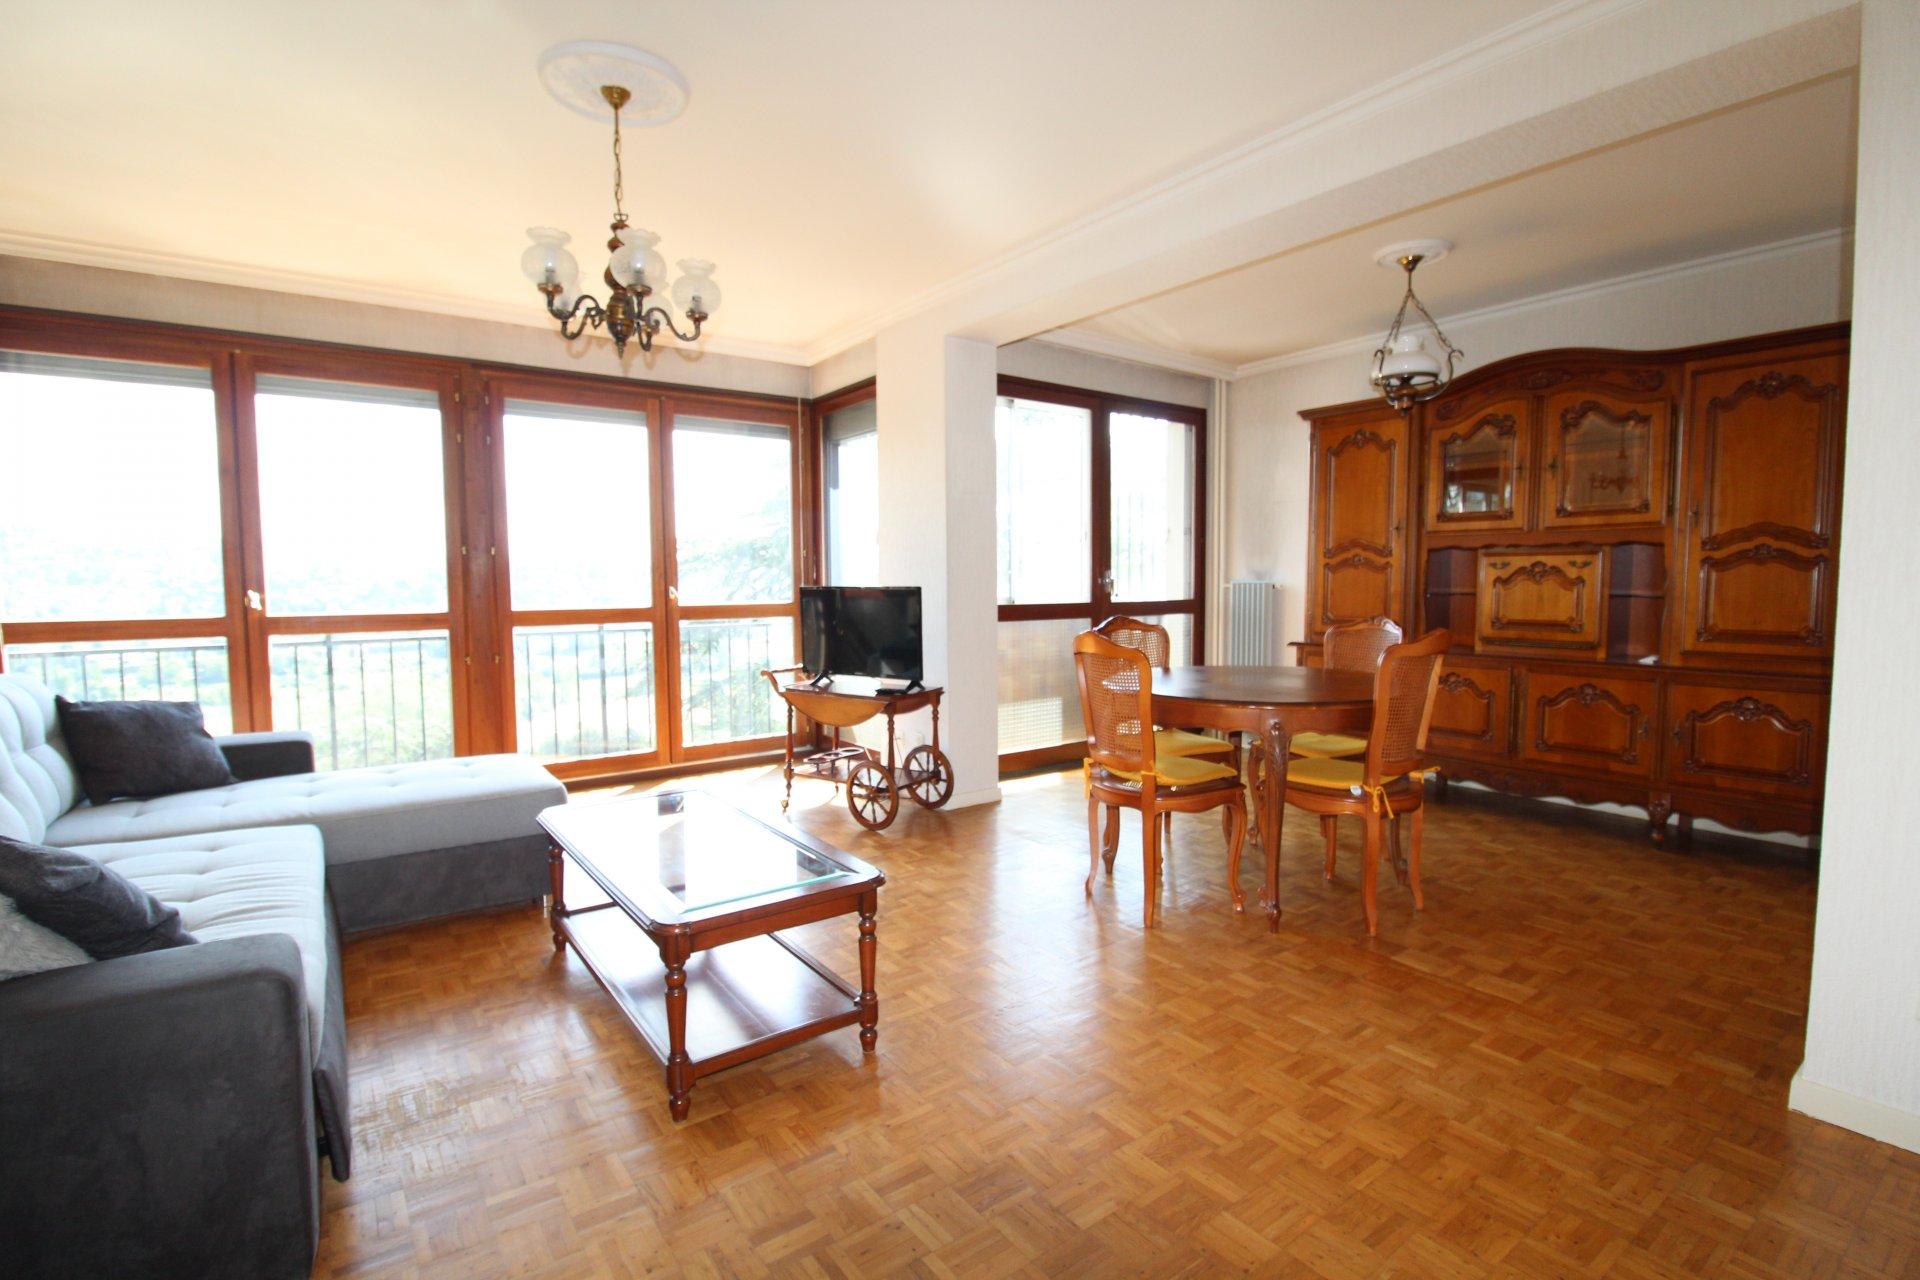 Appartement Villars / La Feuilletiere 3 pièces 74m2 avec balcon et garage.